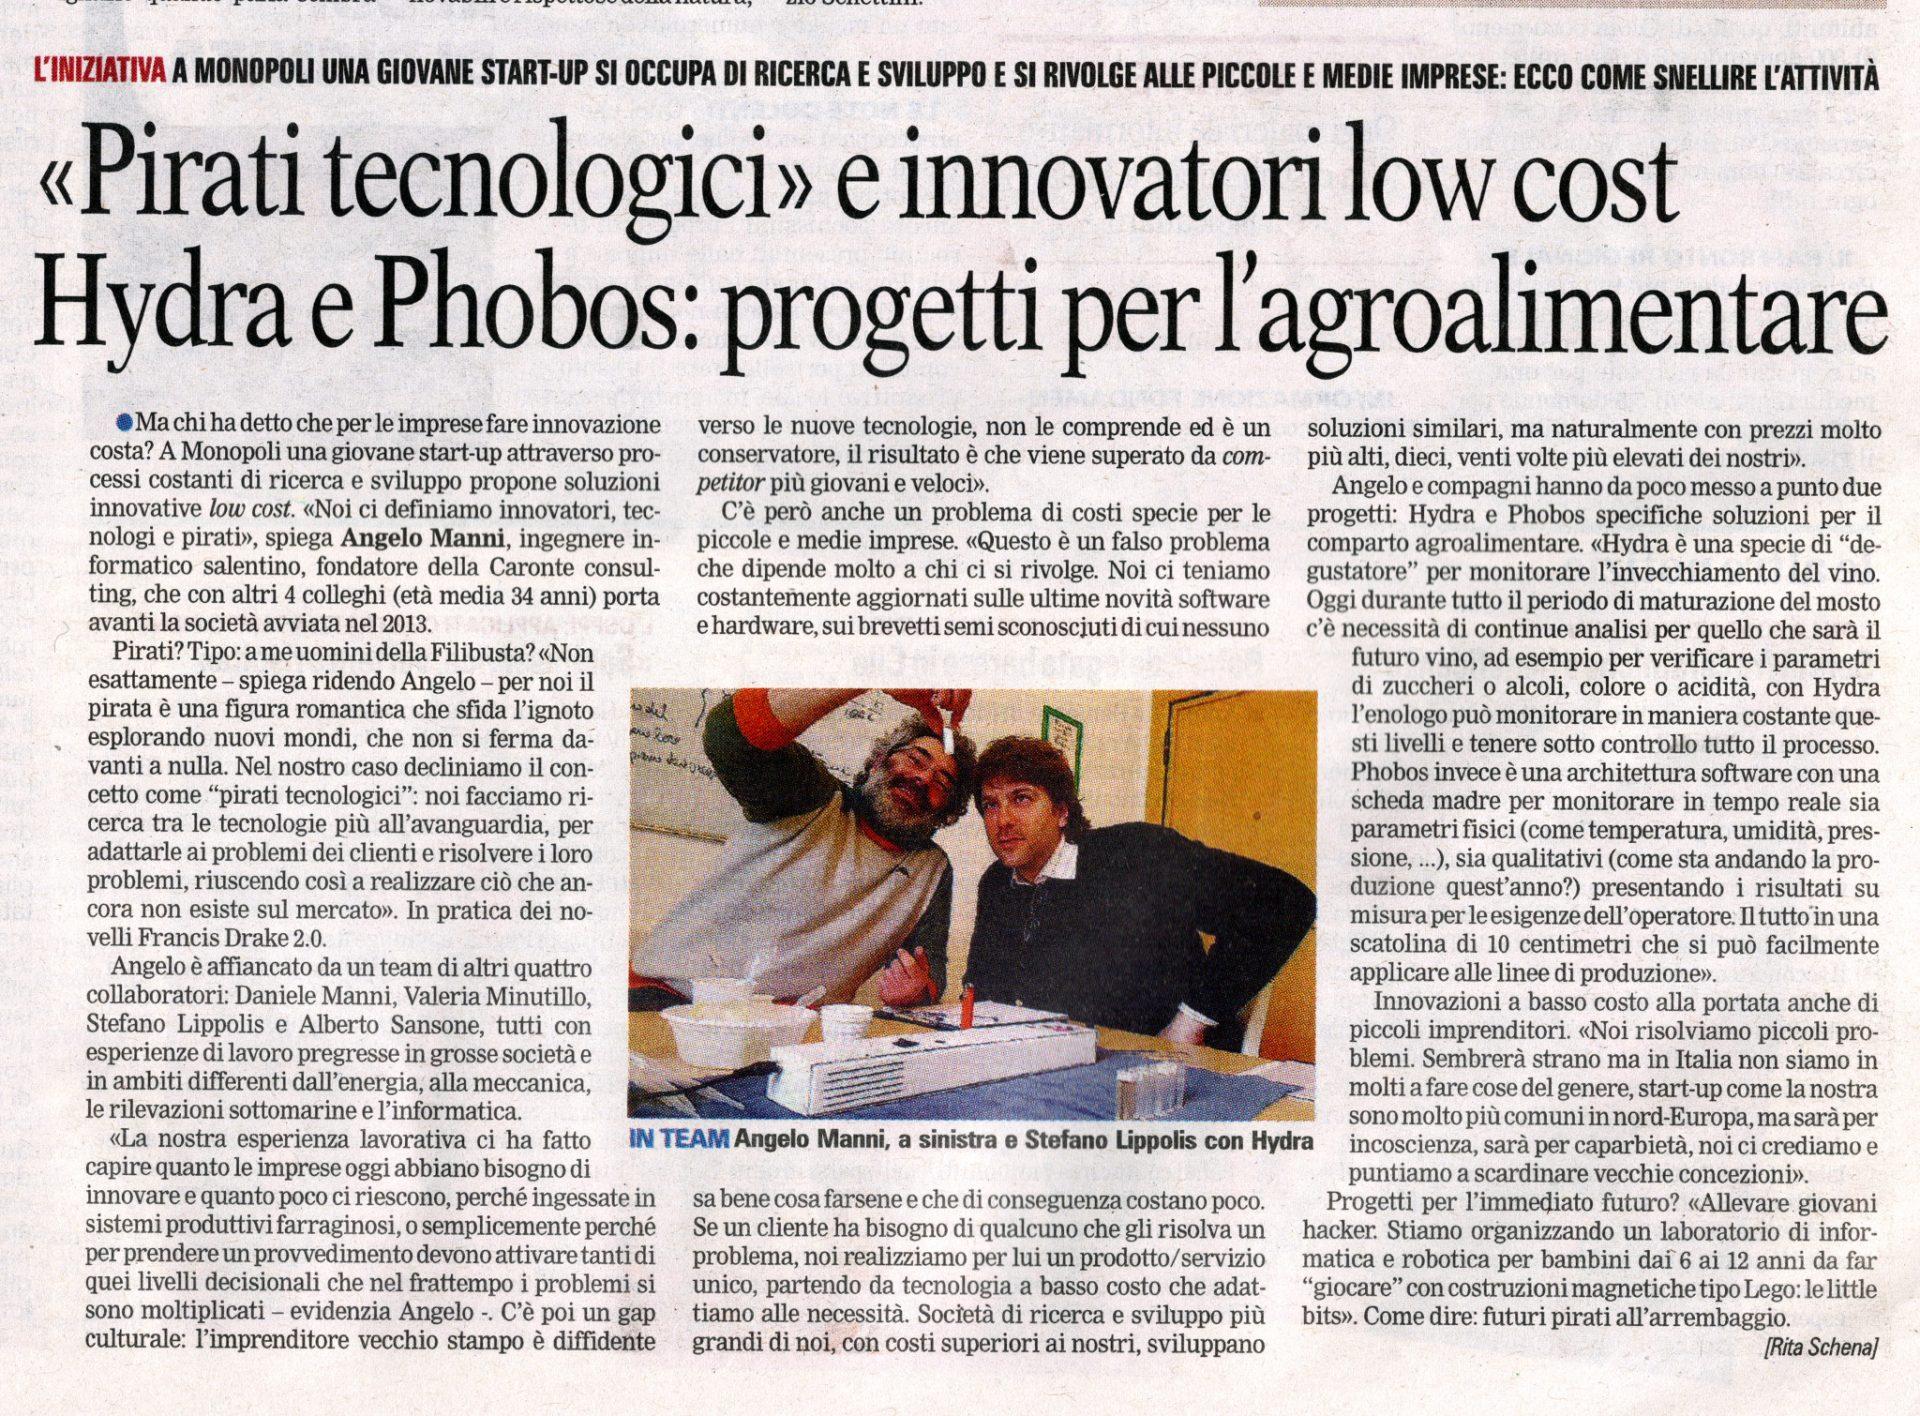 Gazzetta del Mezzogiorno Pirati tecnologici